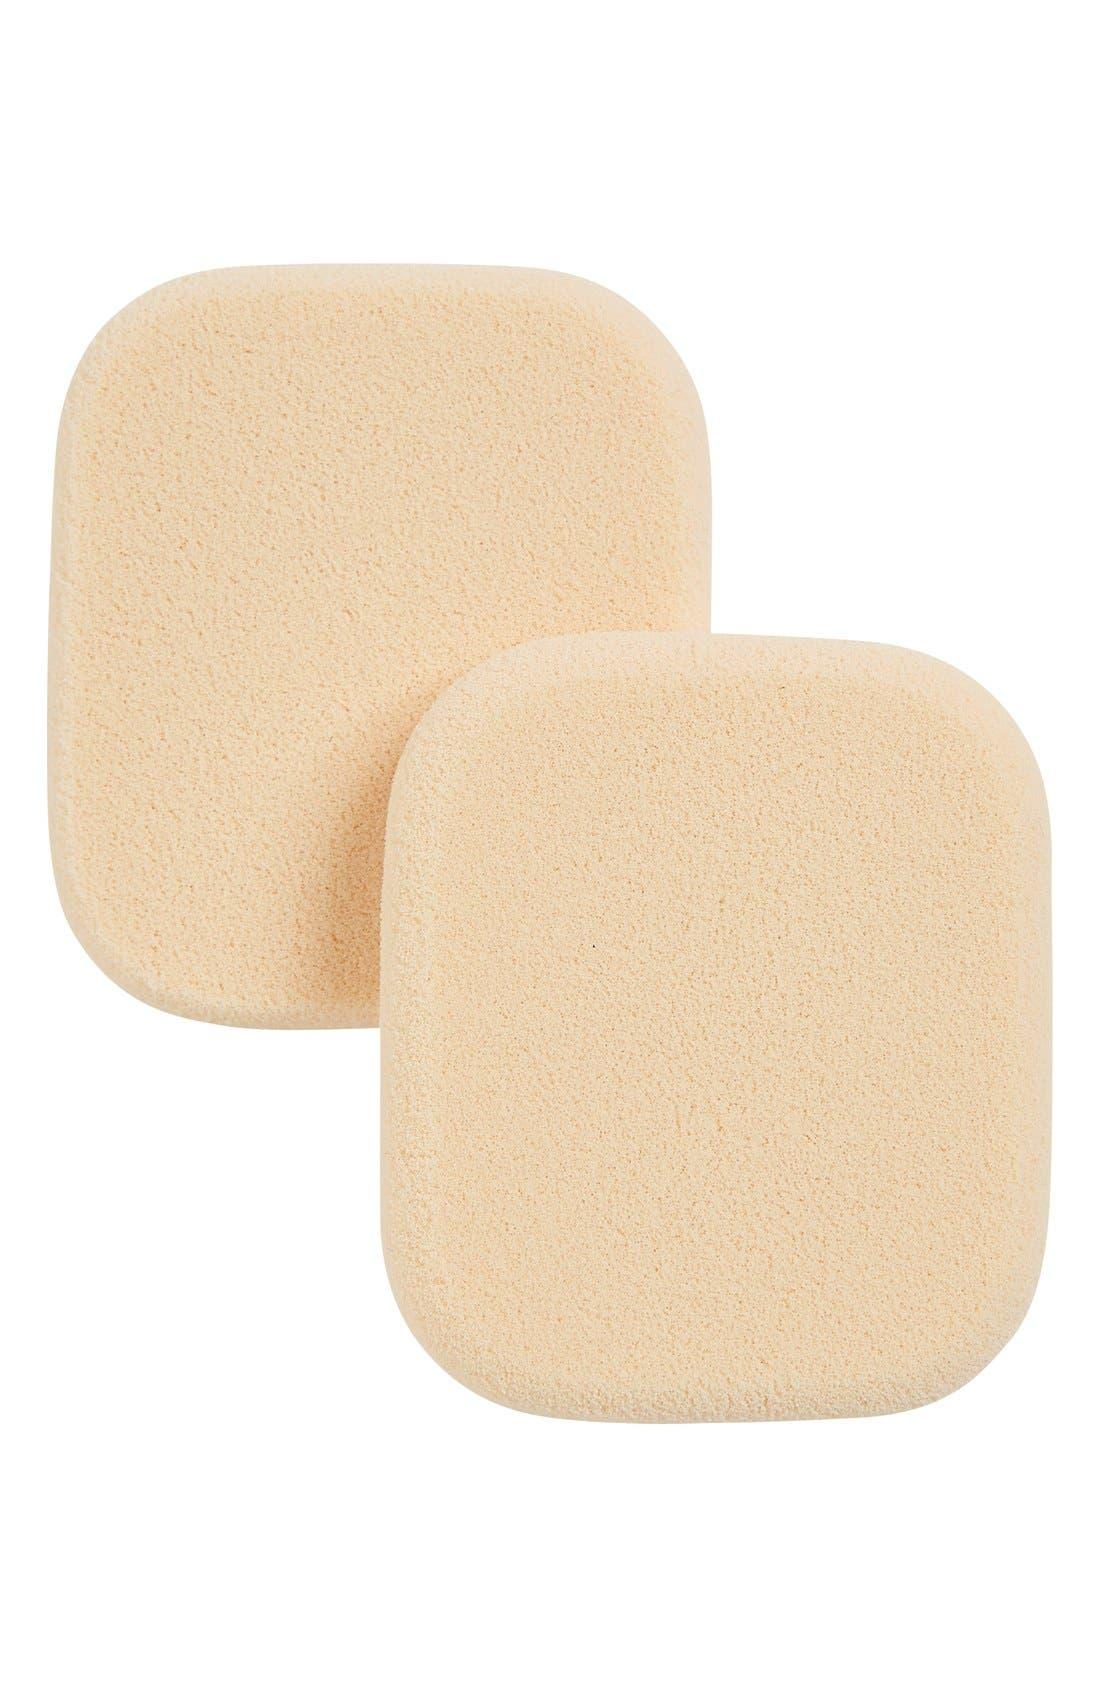 Clé de Peau Beauté Radiant Powder Foundation Sponge